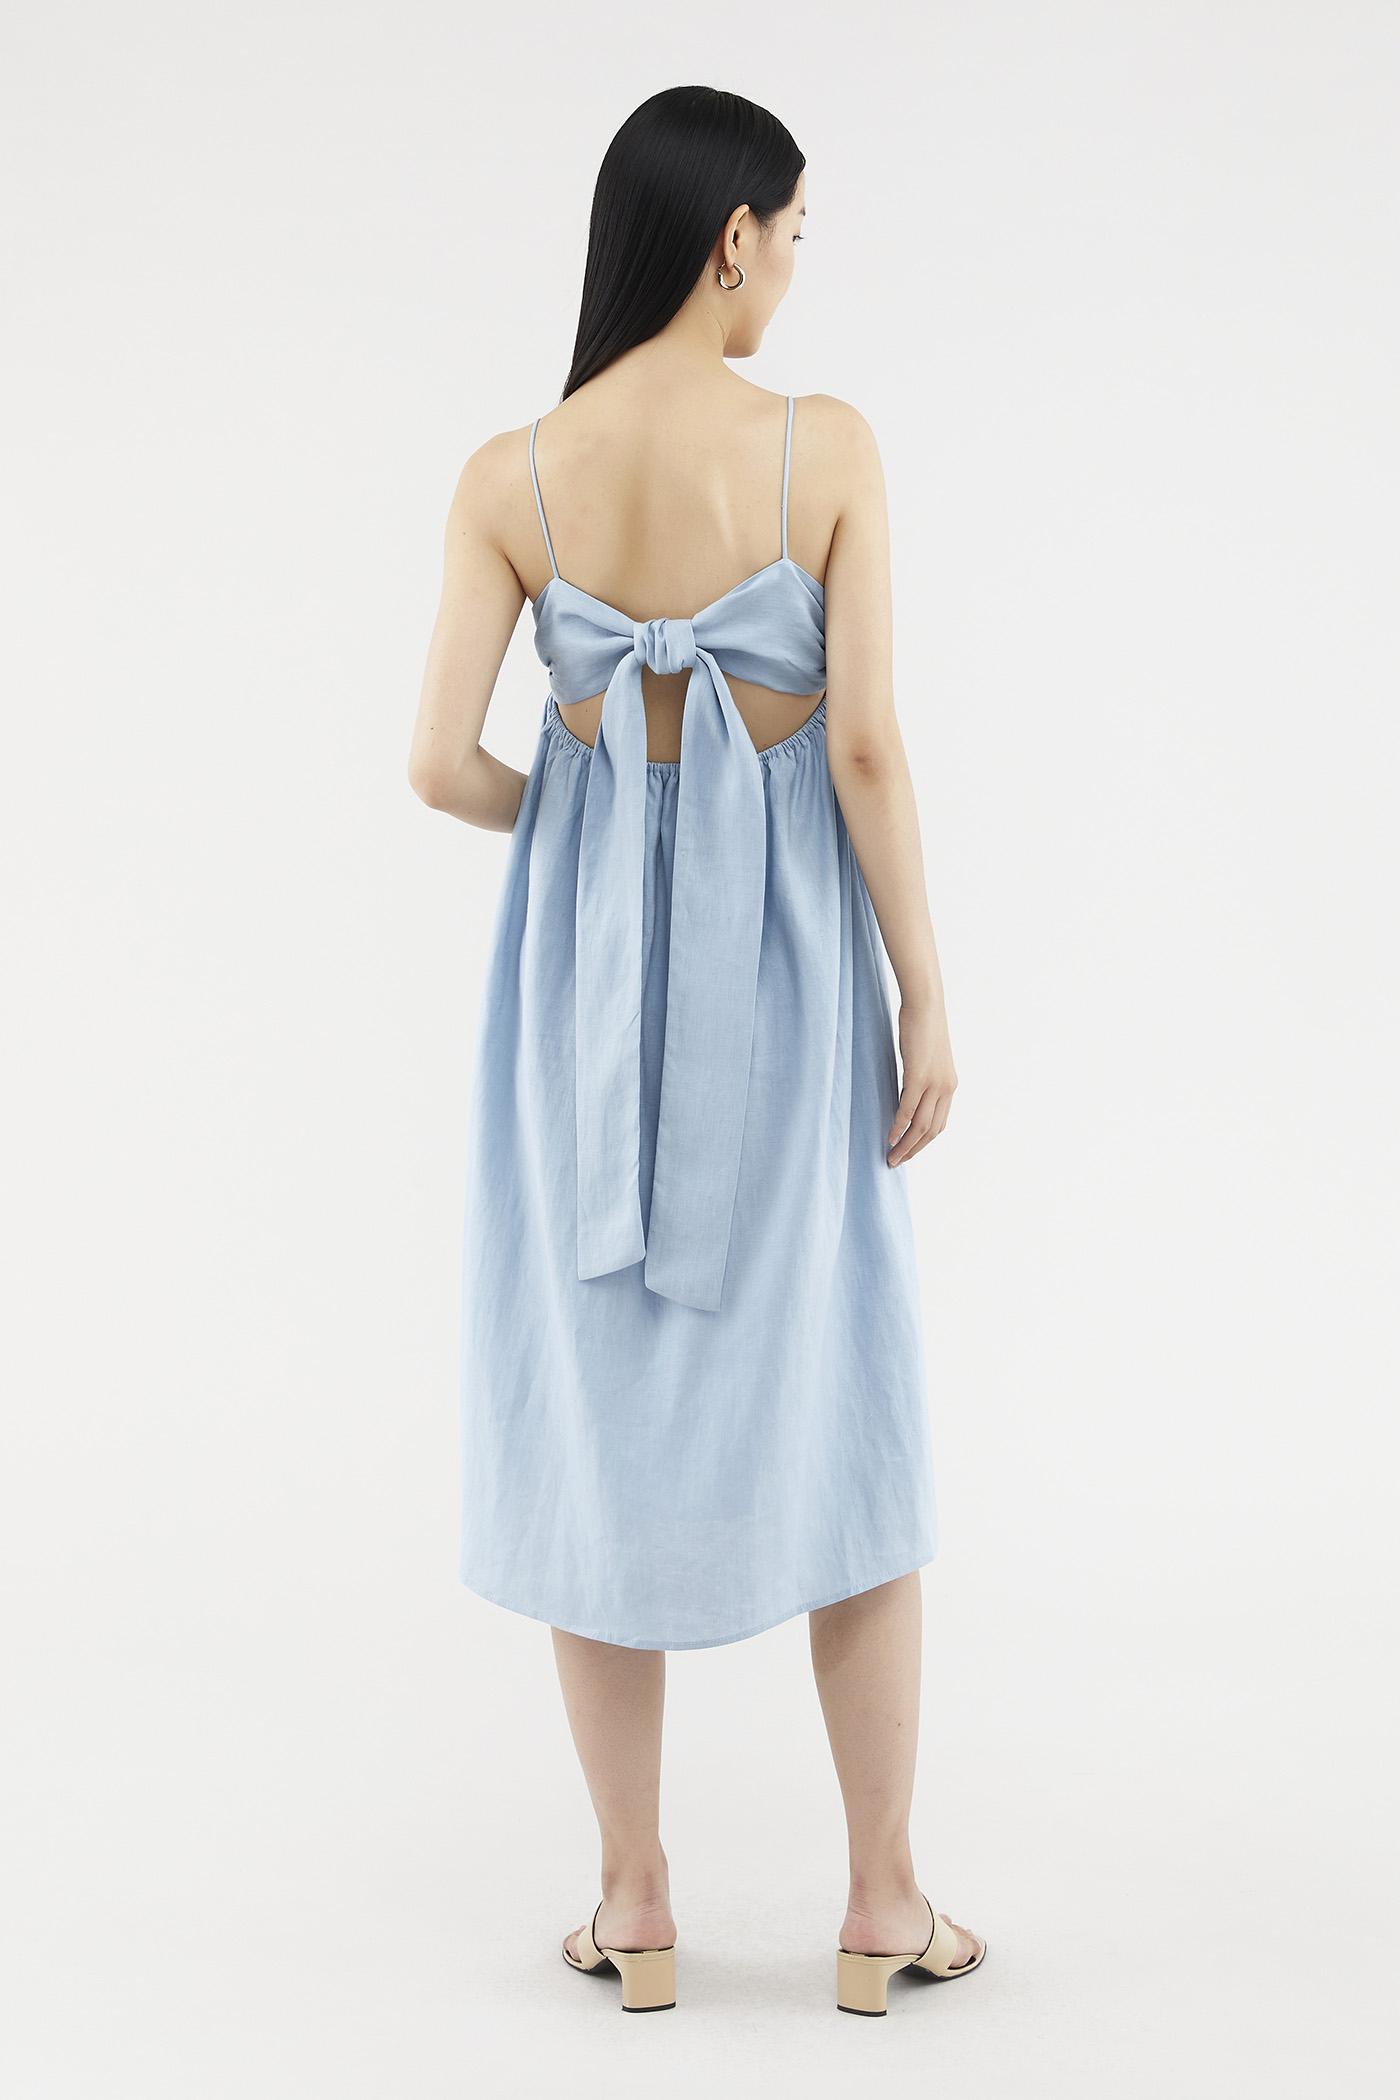 Lauryn Back-tie Dress